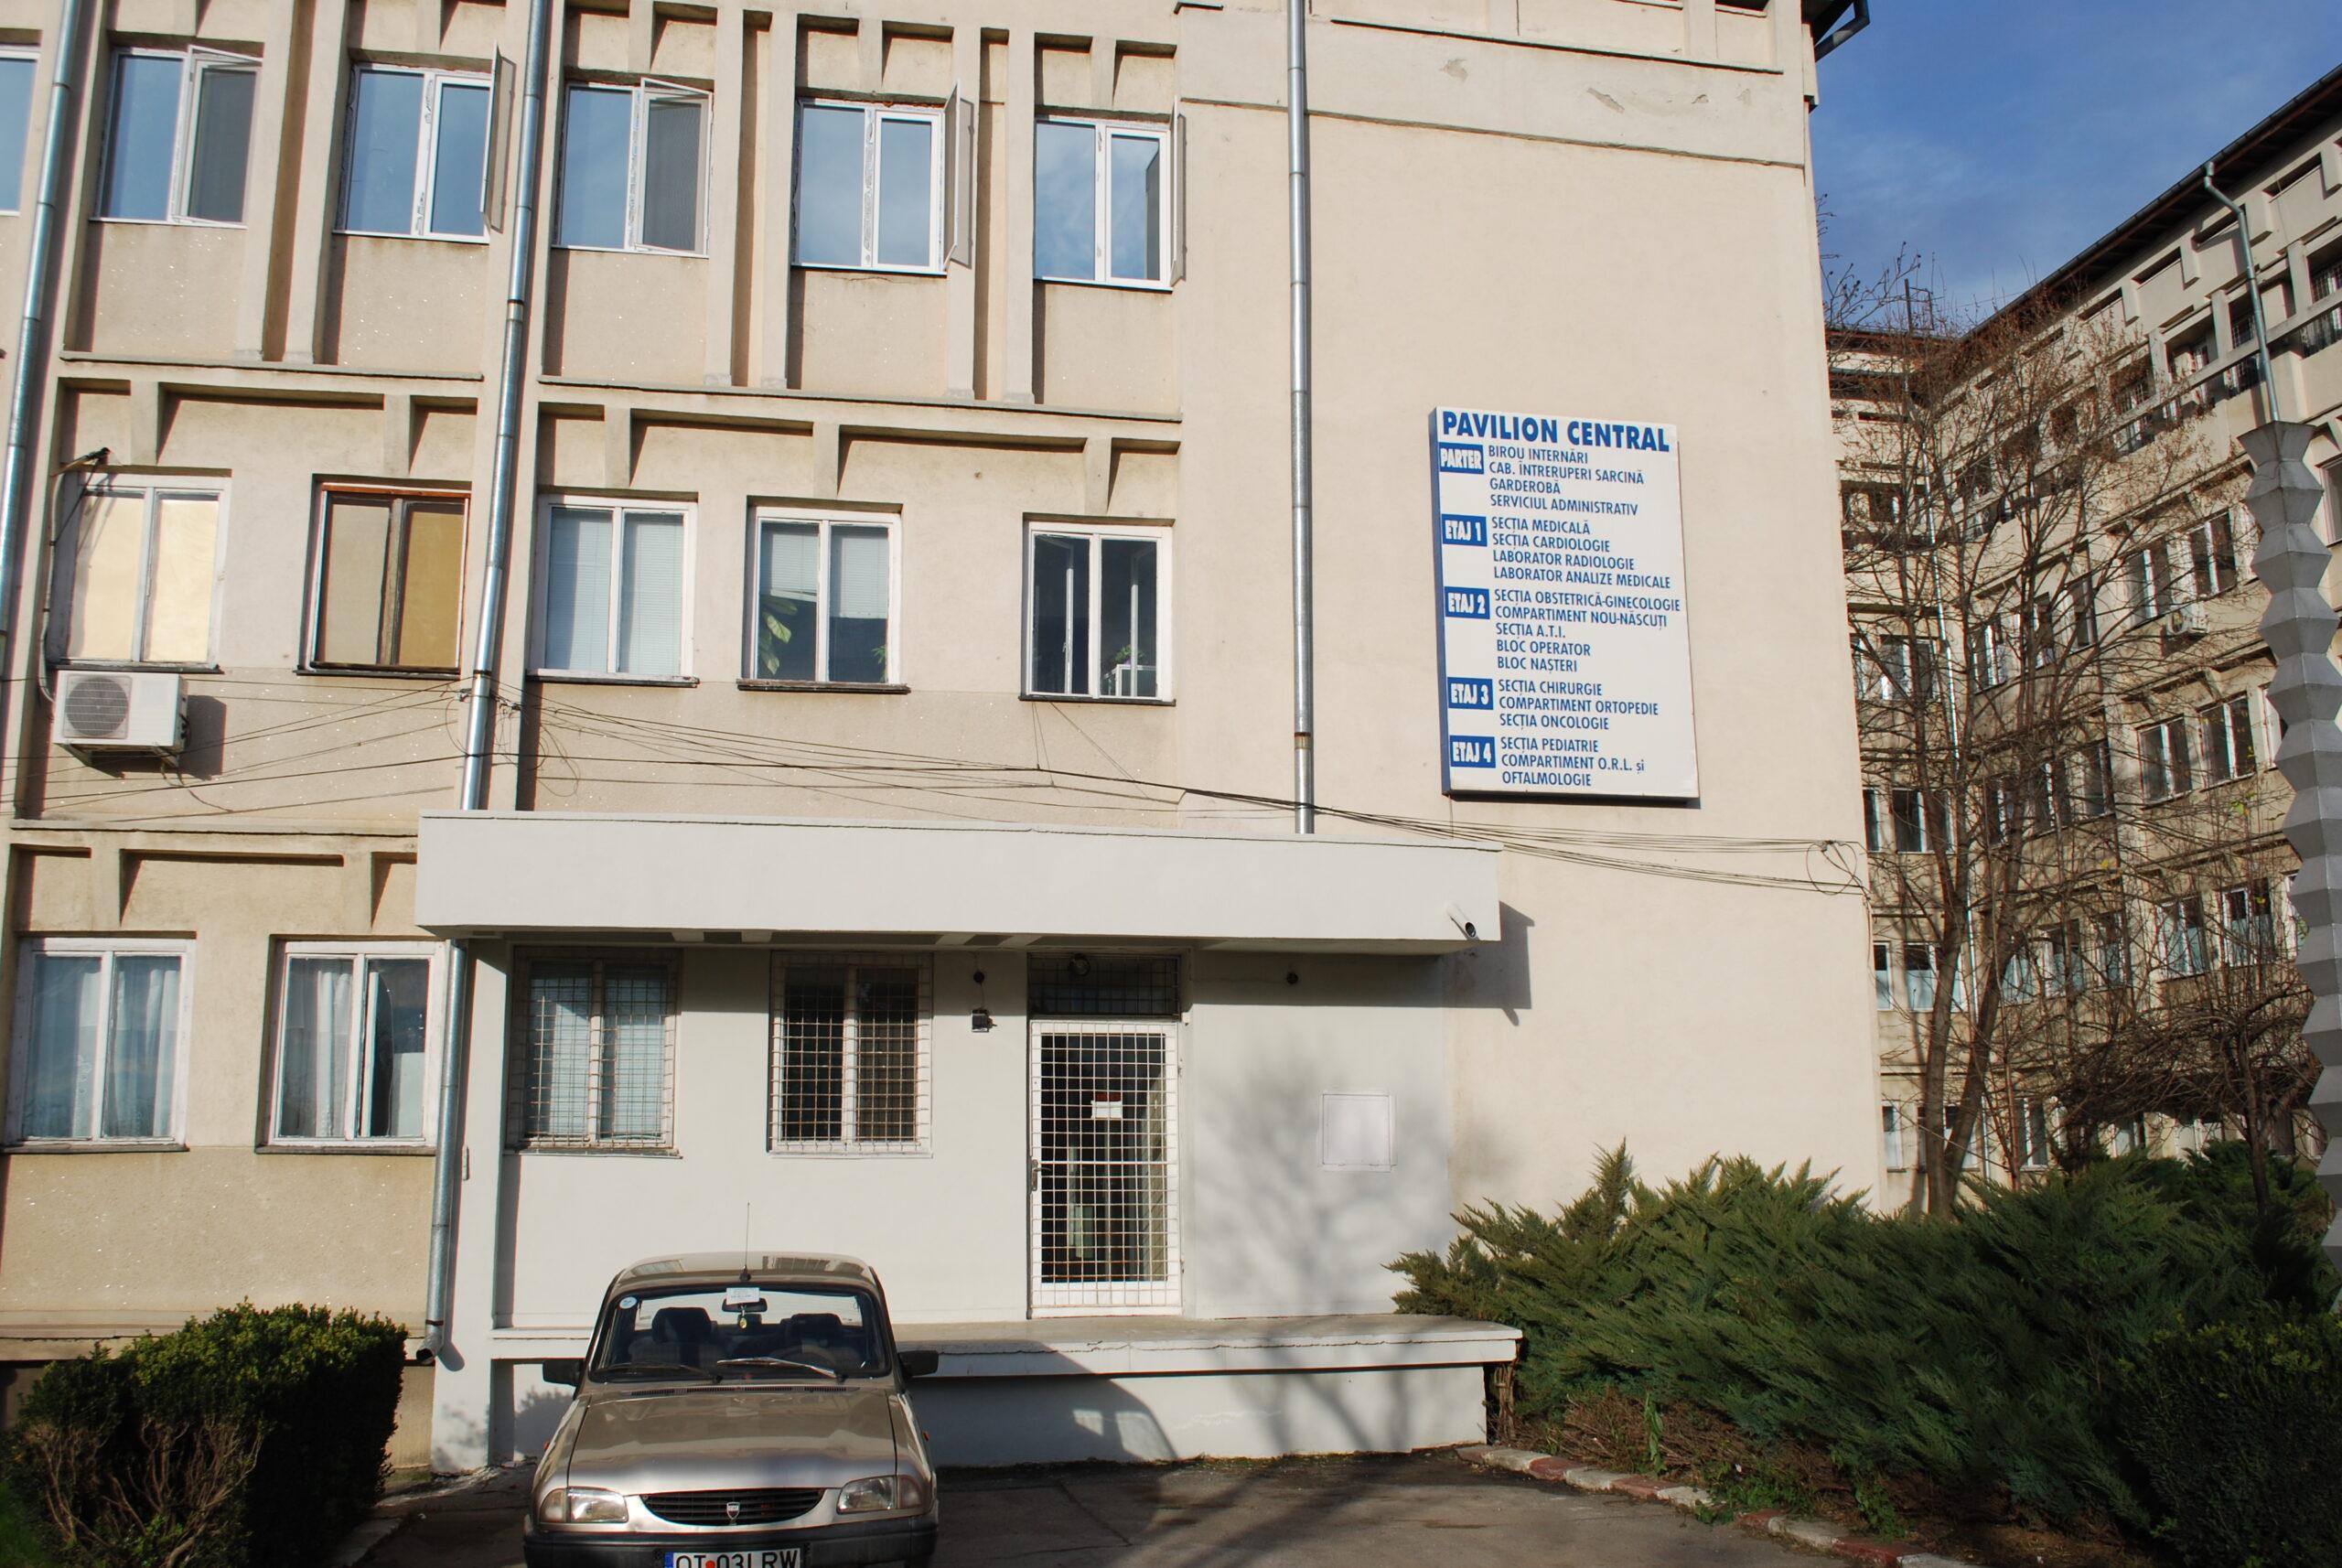 Două decese, în ultimele 24 de ore, în spitalul suport COVID-19 din Caracal. O persoană este din Olt, iar cealaltă din Argeş